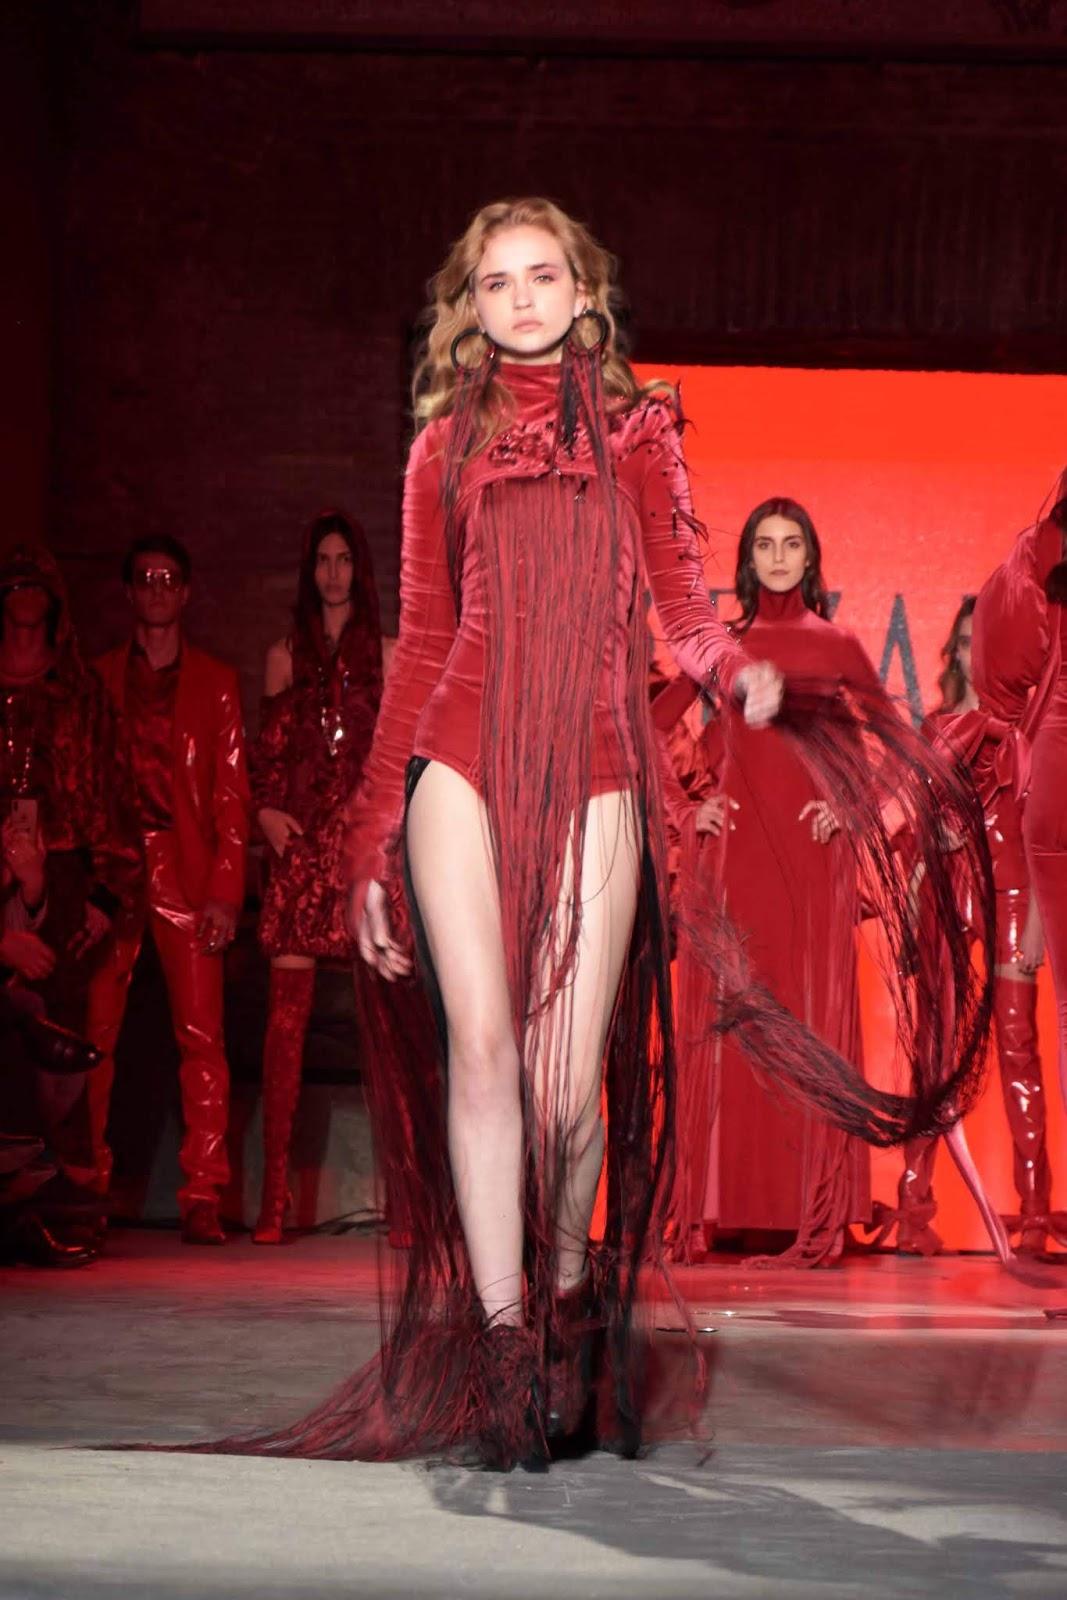 e4be1d8f25 Moda Glamour Italia: Altaroma & Alibaba: Sfilata/Evento per Yezael